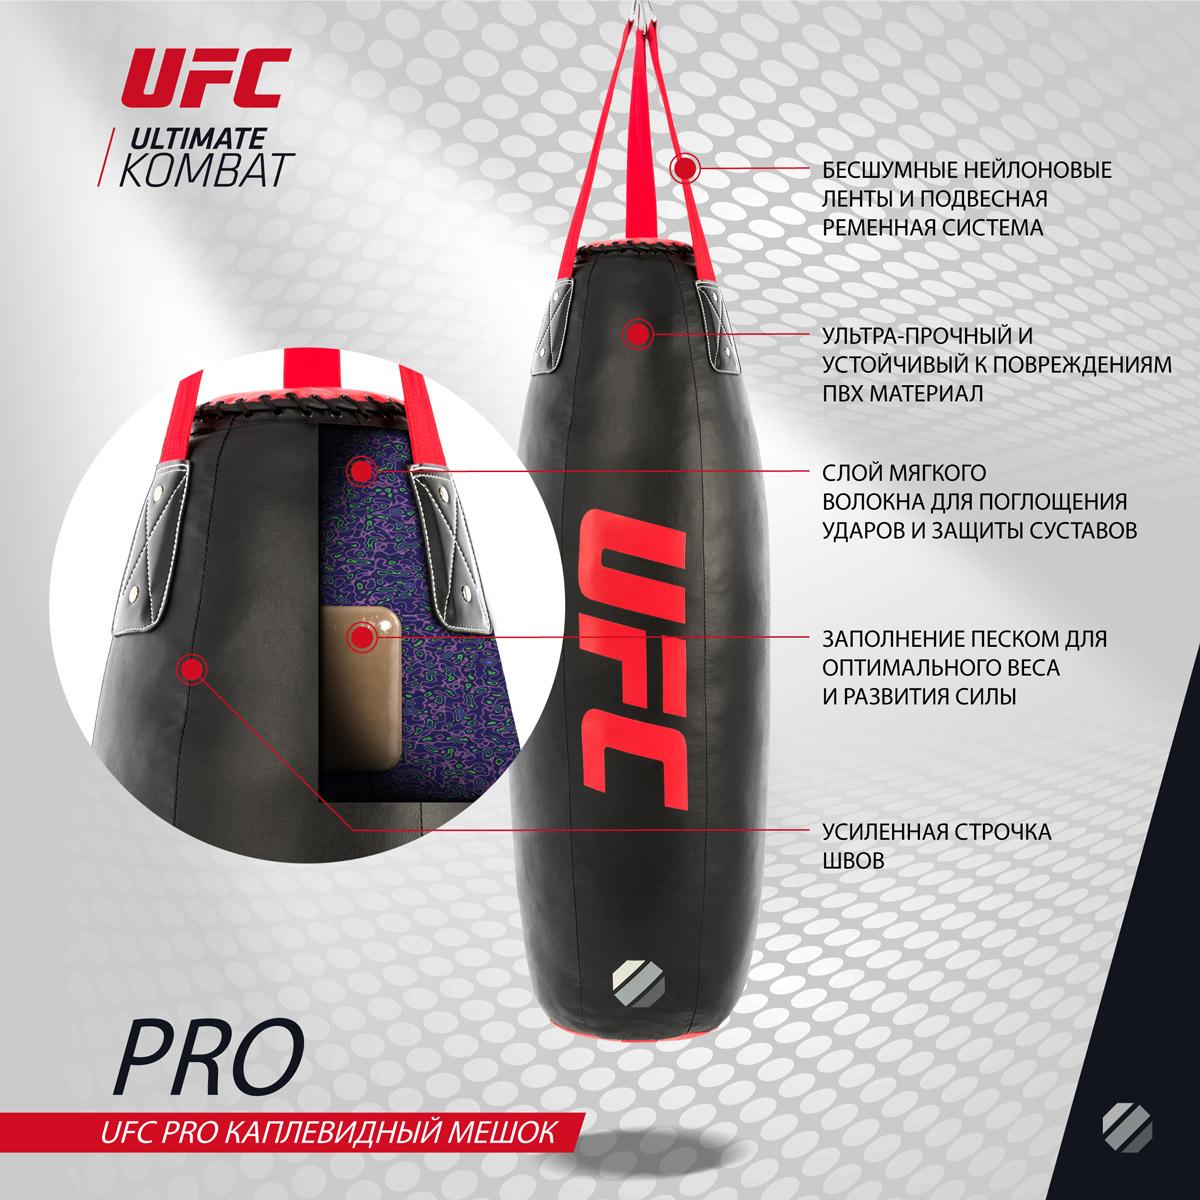 """UFC Каплевидный мешок 32 кг с наполнителем 4"""" """"UFC Каплевидный мешок 32 кг с наполнителем 1"""" """"UFC Каплевидный мешок 32 кг с наполнителем 2"""" """"UFC Каплевидный мешок 32 кг с наполнителем"""